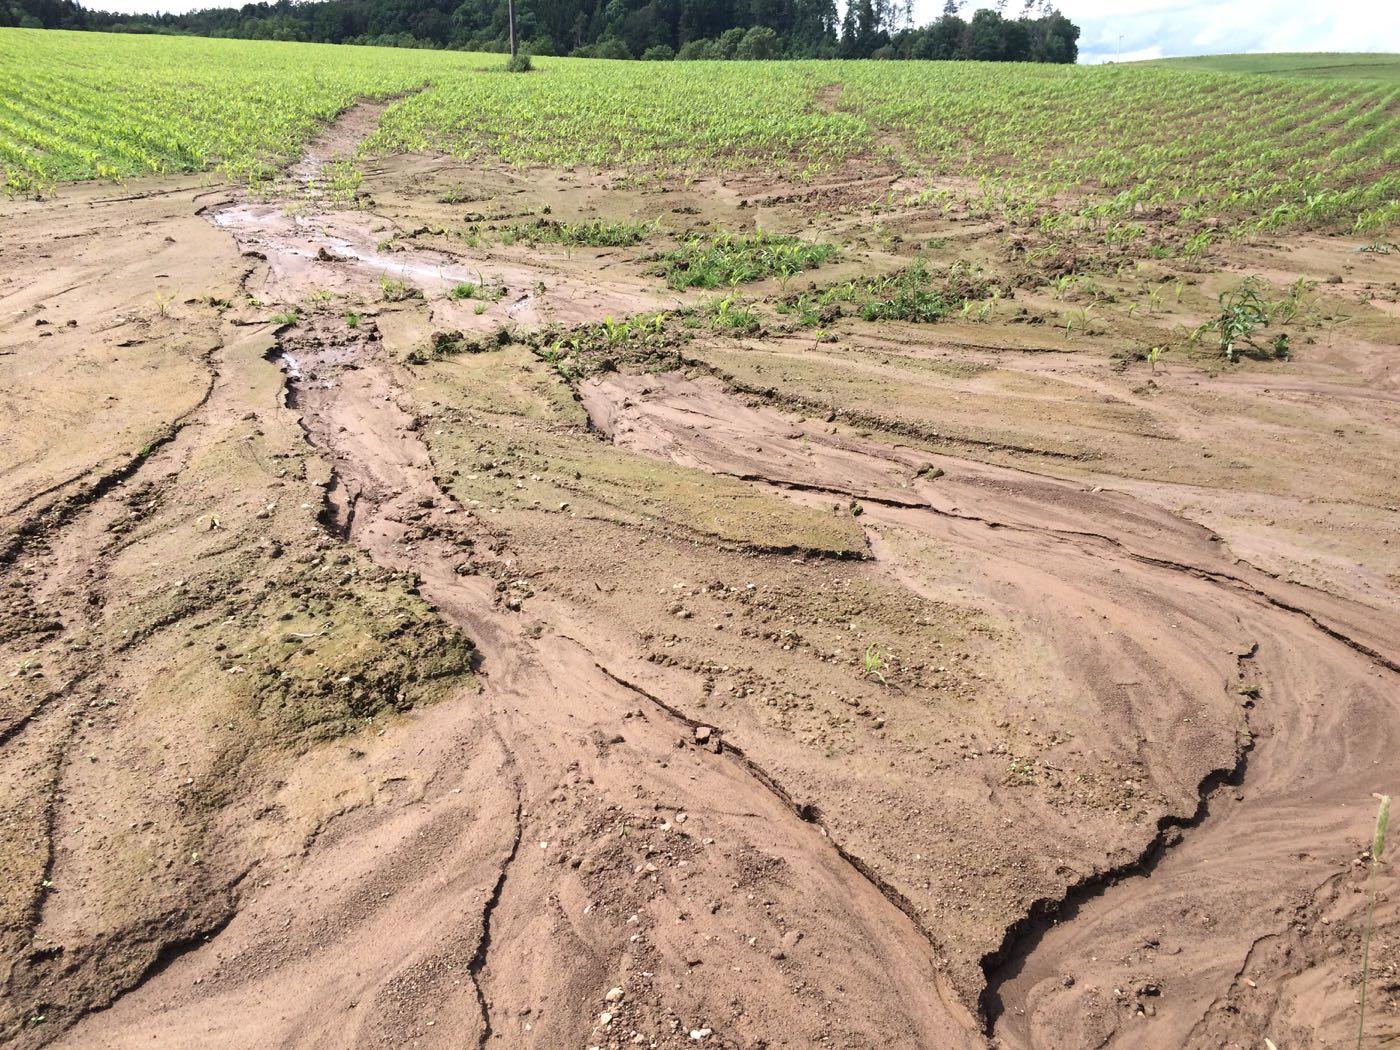 Artikel: Erstmals weltweiter Phosphorverlust durch Bodenerosion quantifiziert